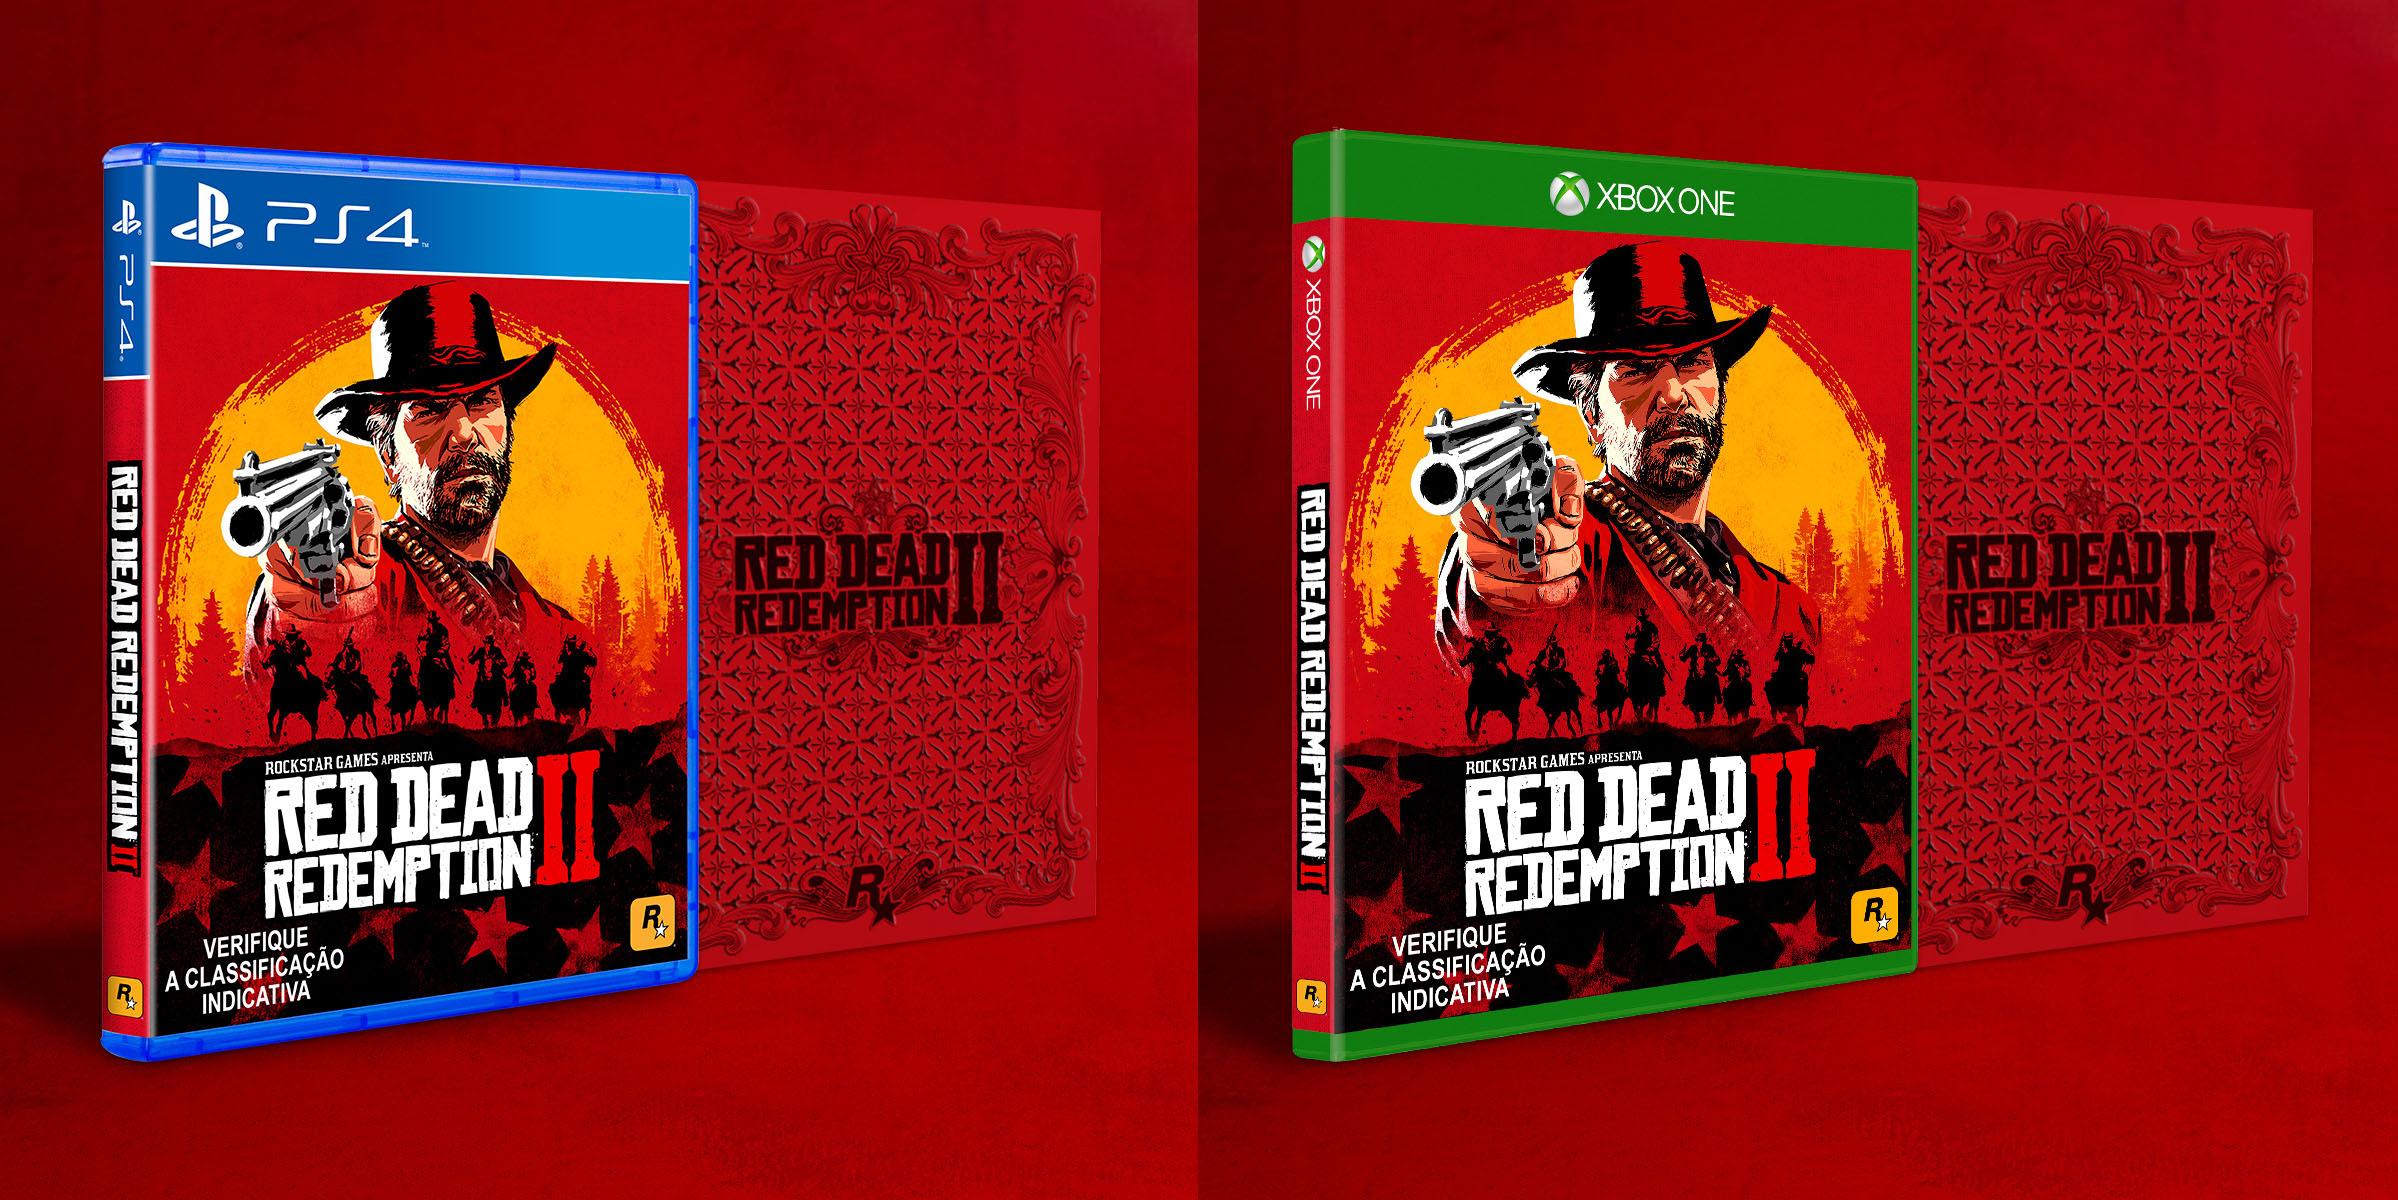 Red Dead Redemption 2 chegará ao Brasil com edição especial e legendas 1